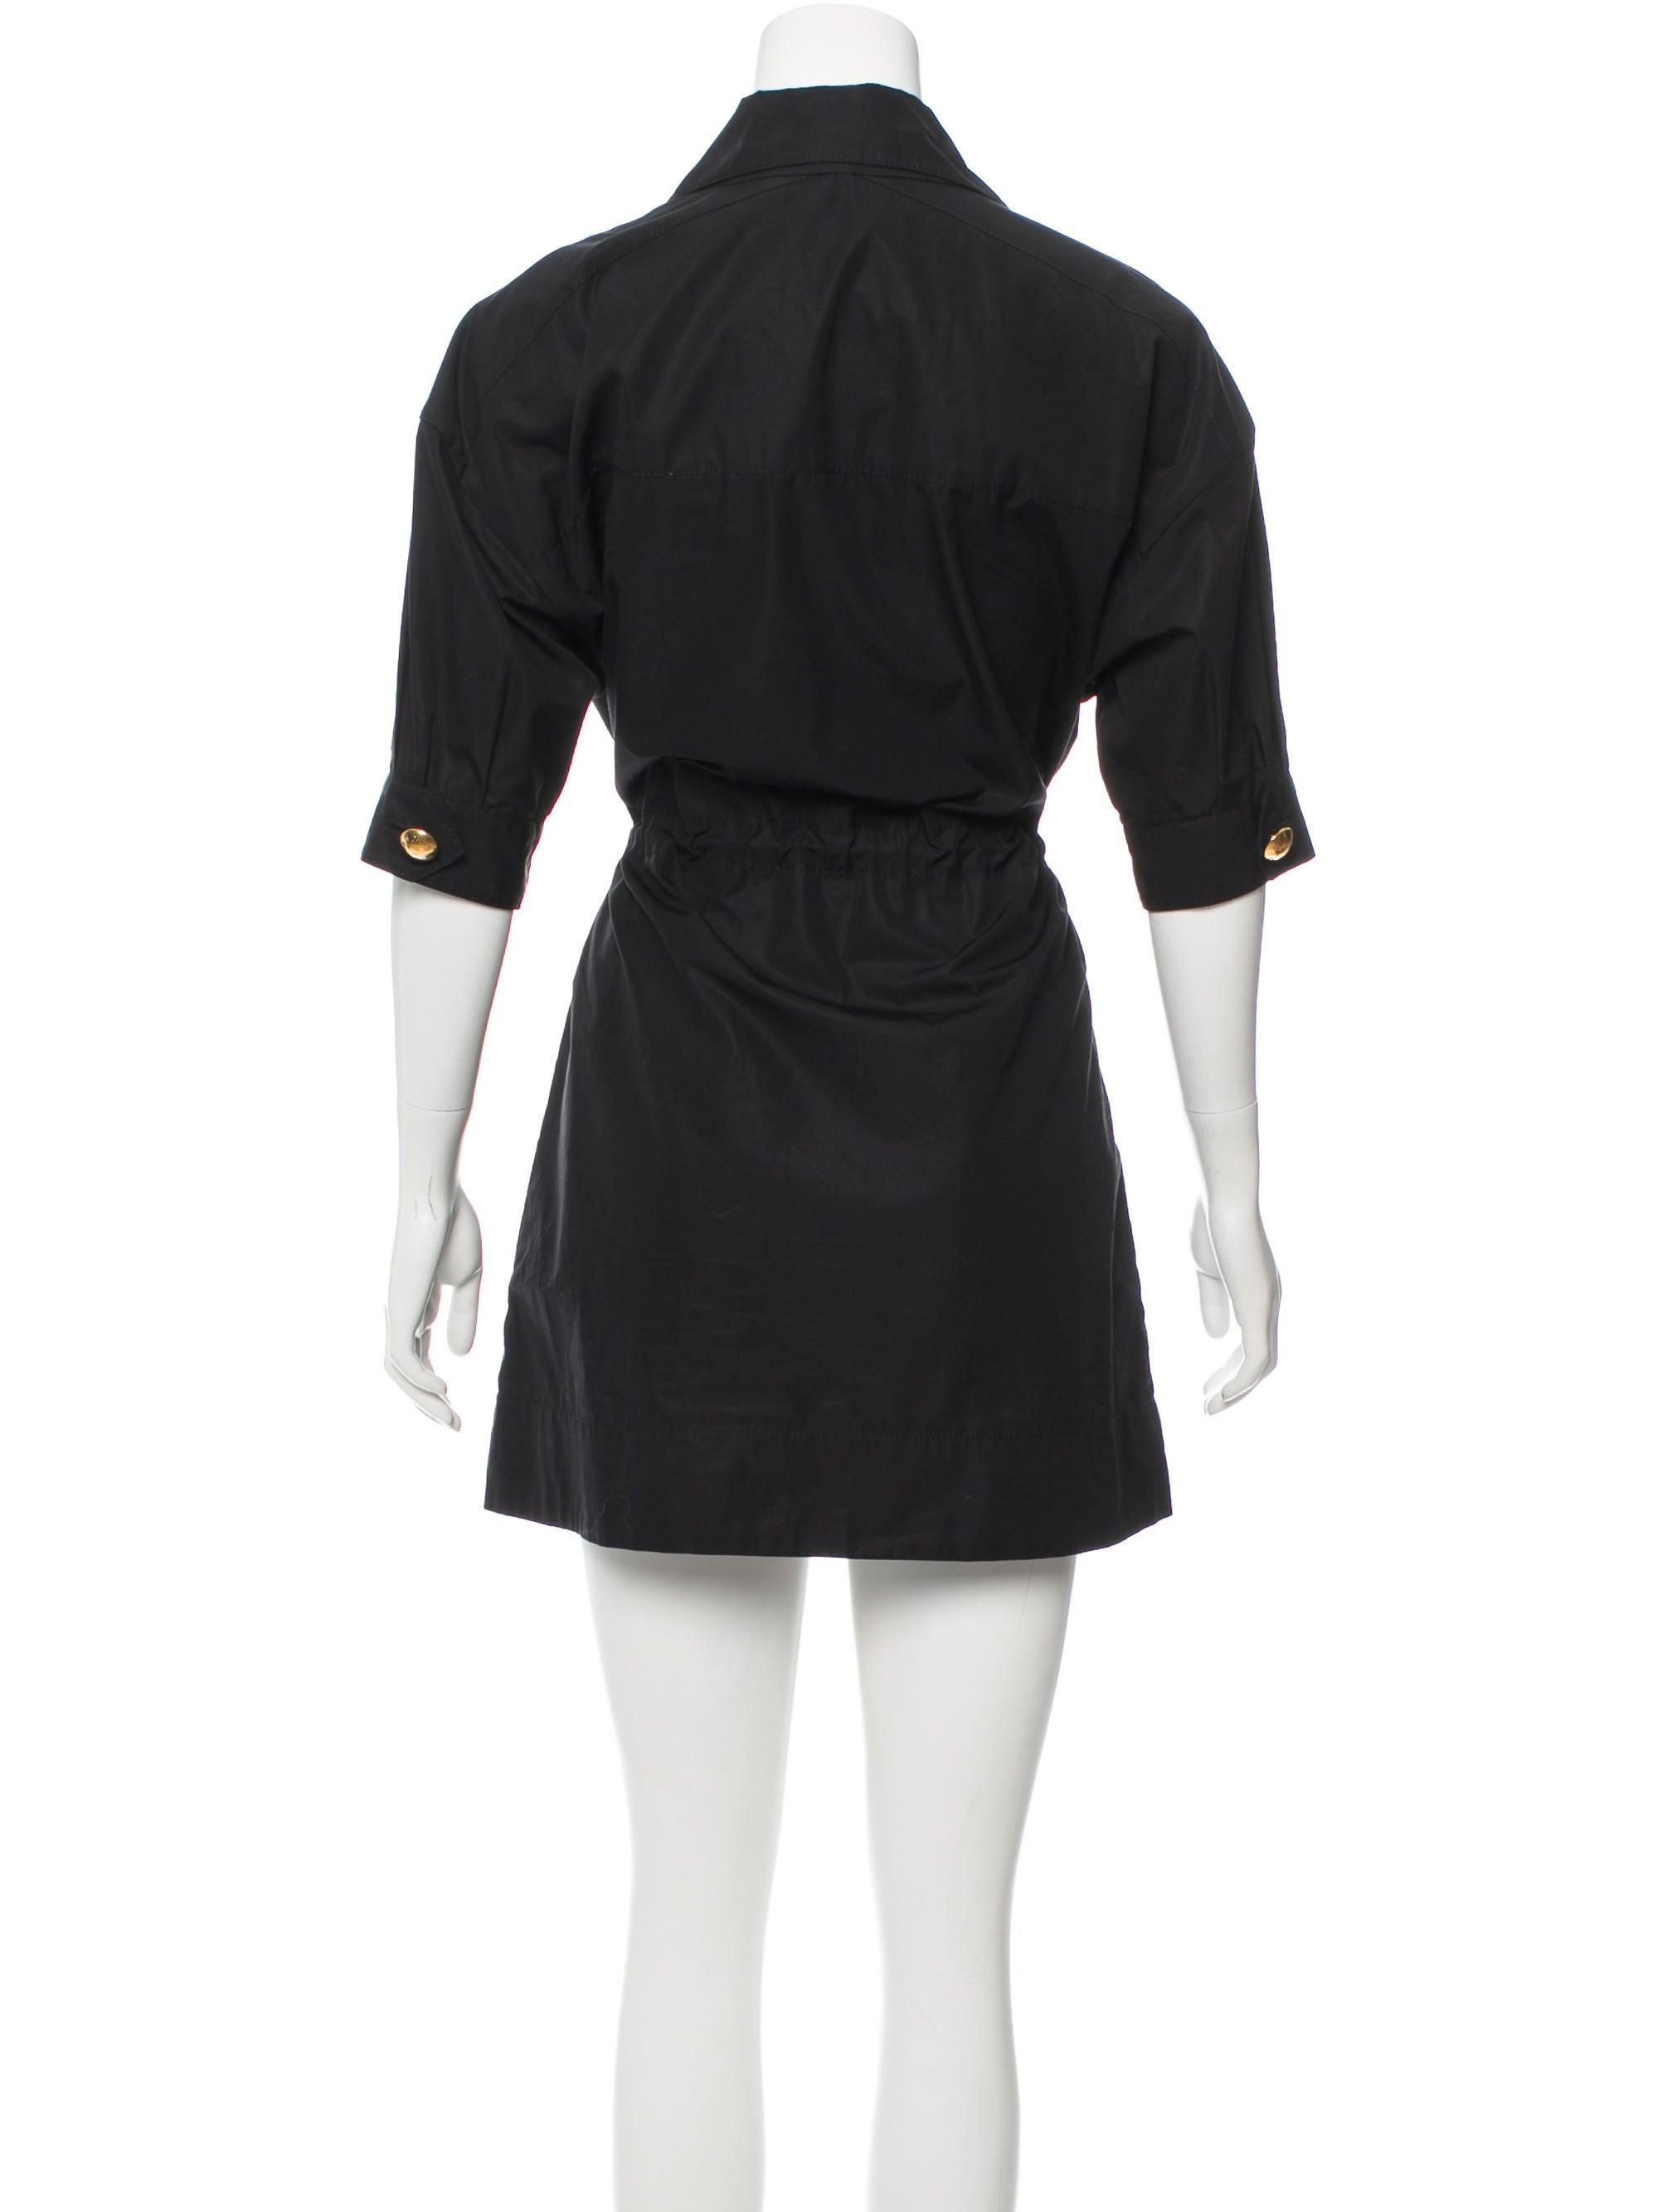 louis vuitton belt accented shirt dress clothing